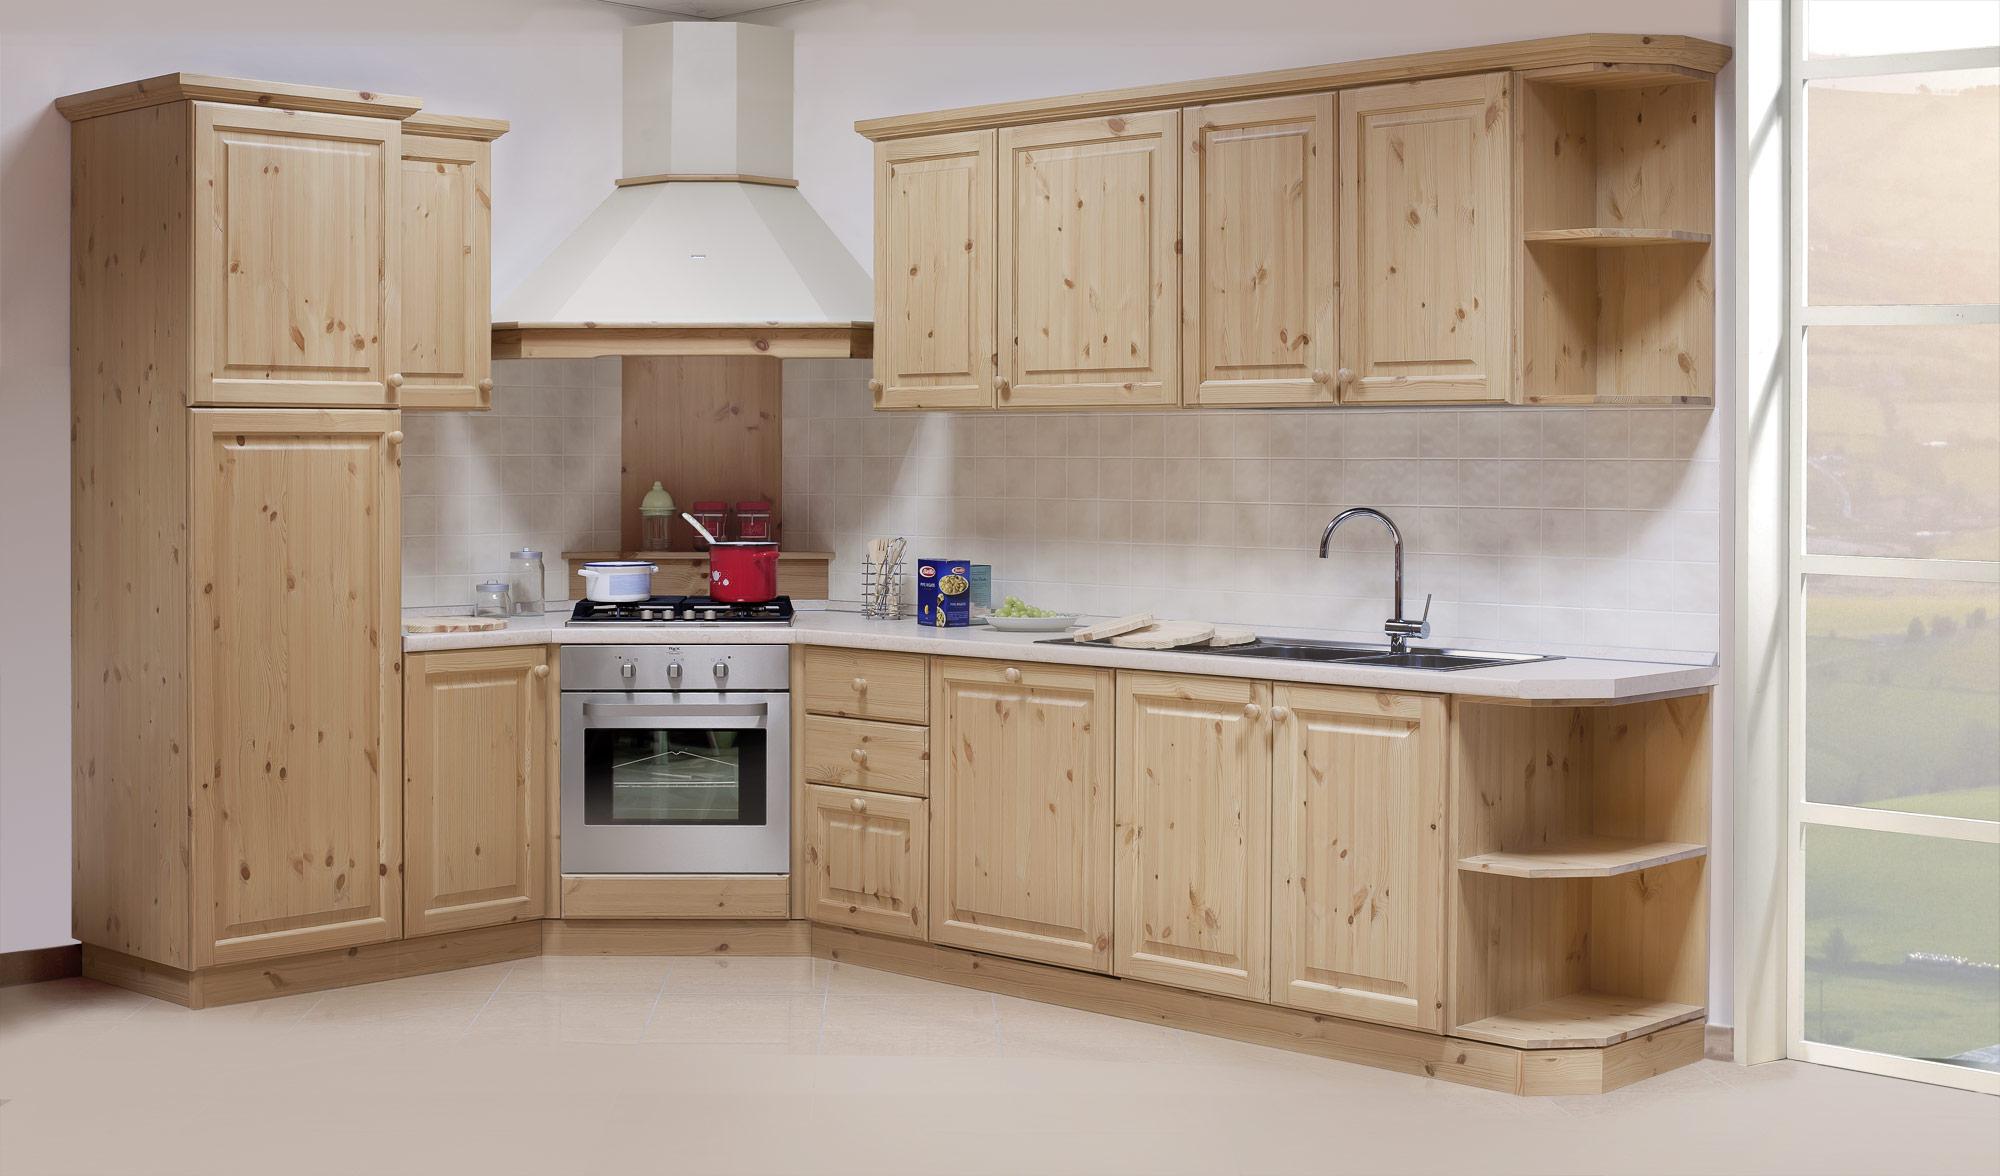 Arredamenti rustici composizione cucine personalizzate for Programma per comporre cucine